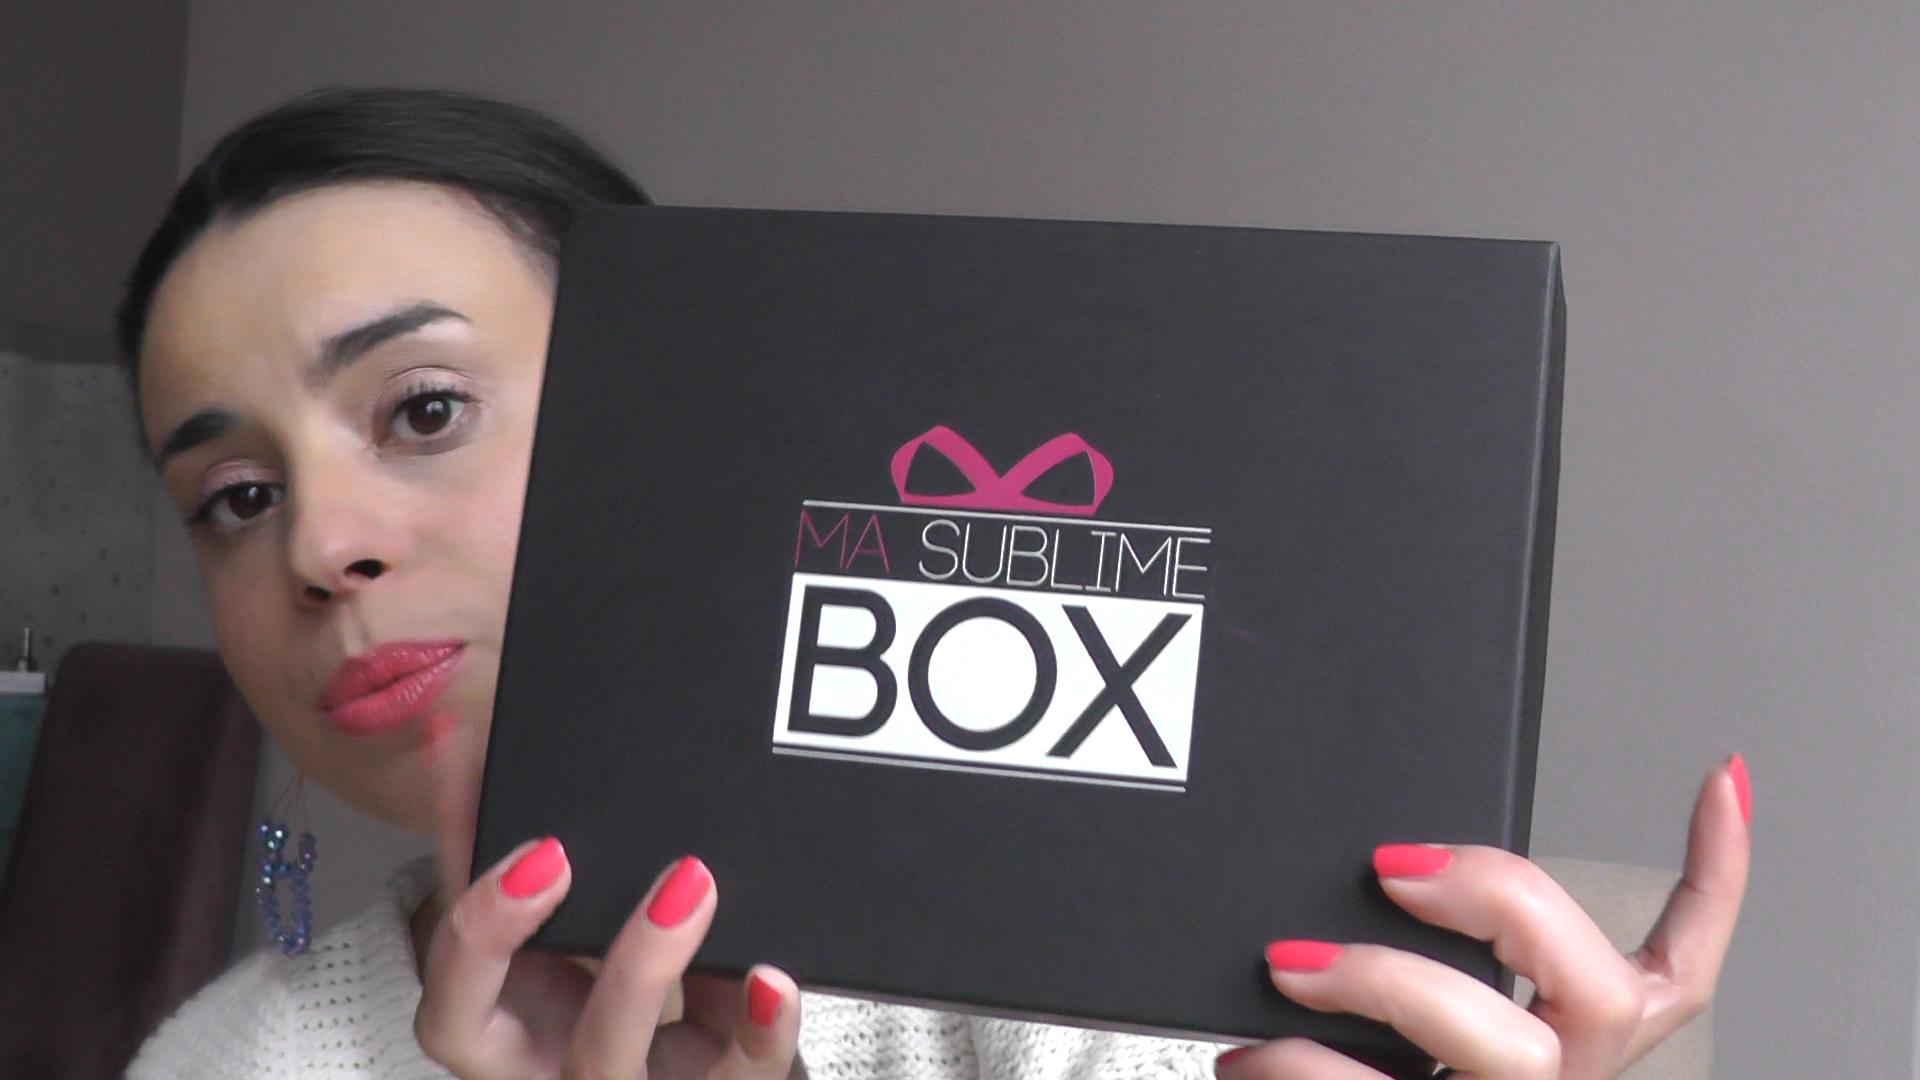 ma sublime box